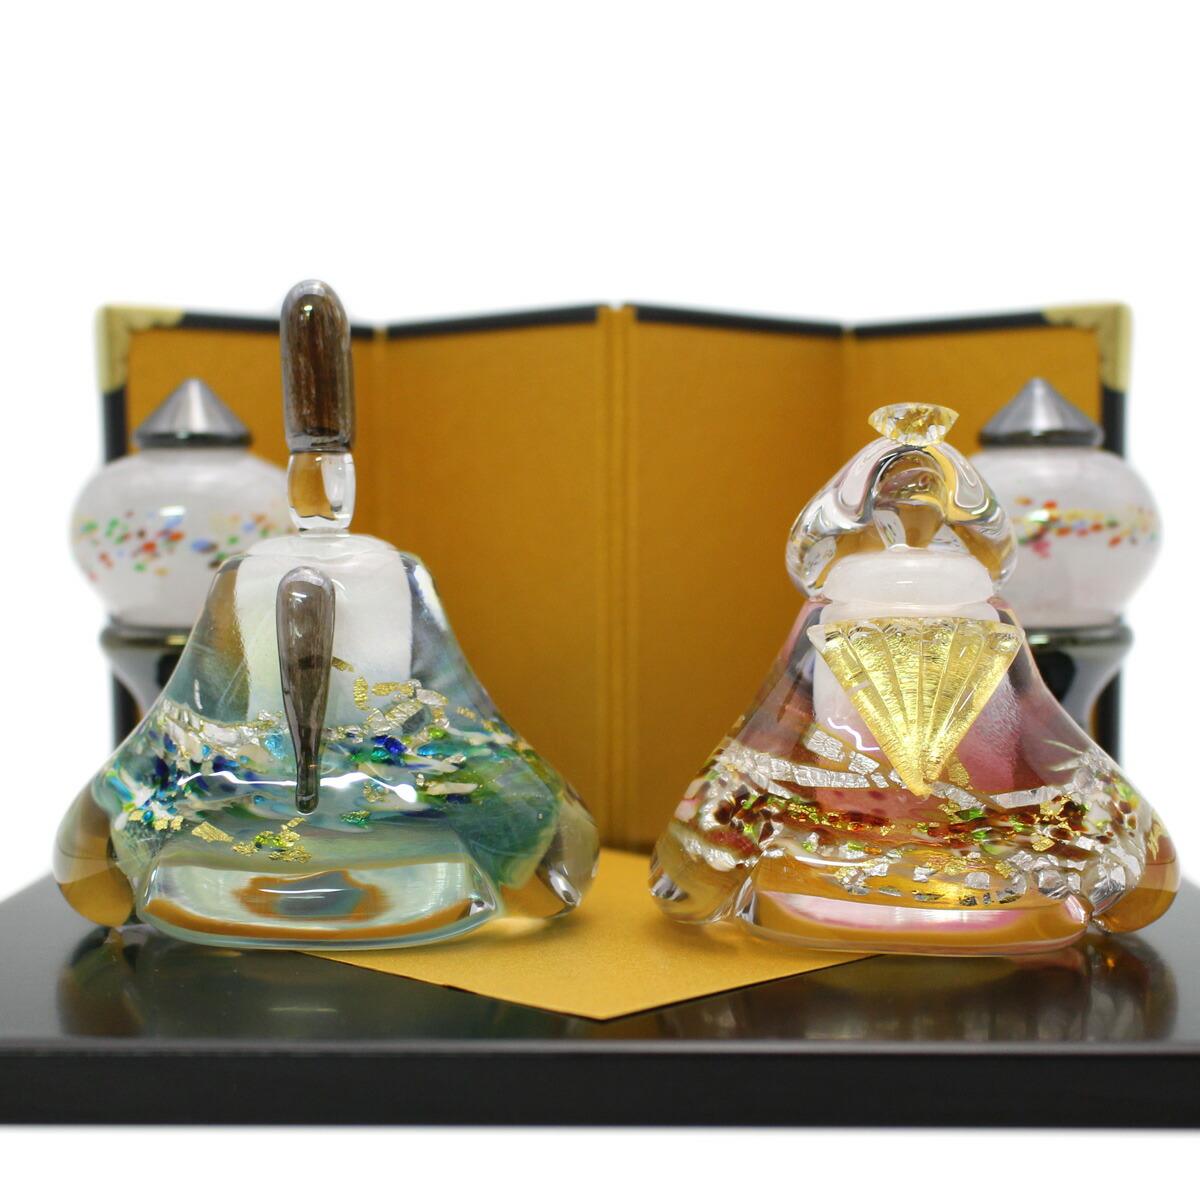 ガラスのお雛様 glass calico グラスキャリコ 華雛 雪洞(ぼんぼり)付き ハンドメイド ガラスアート